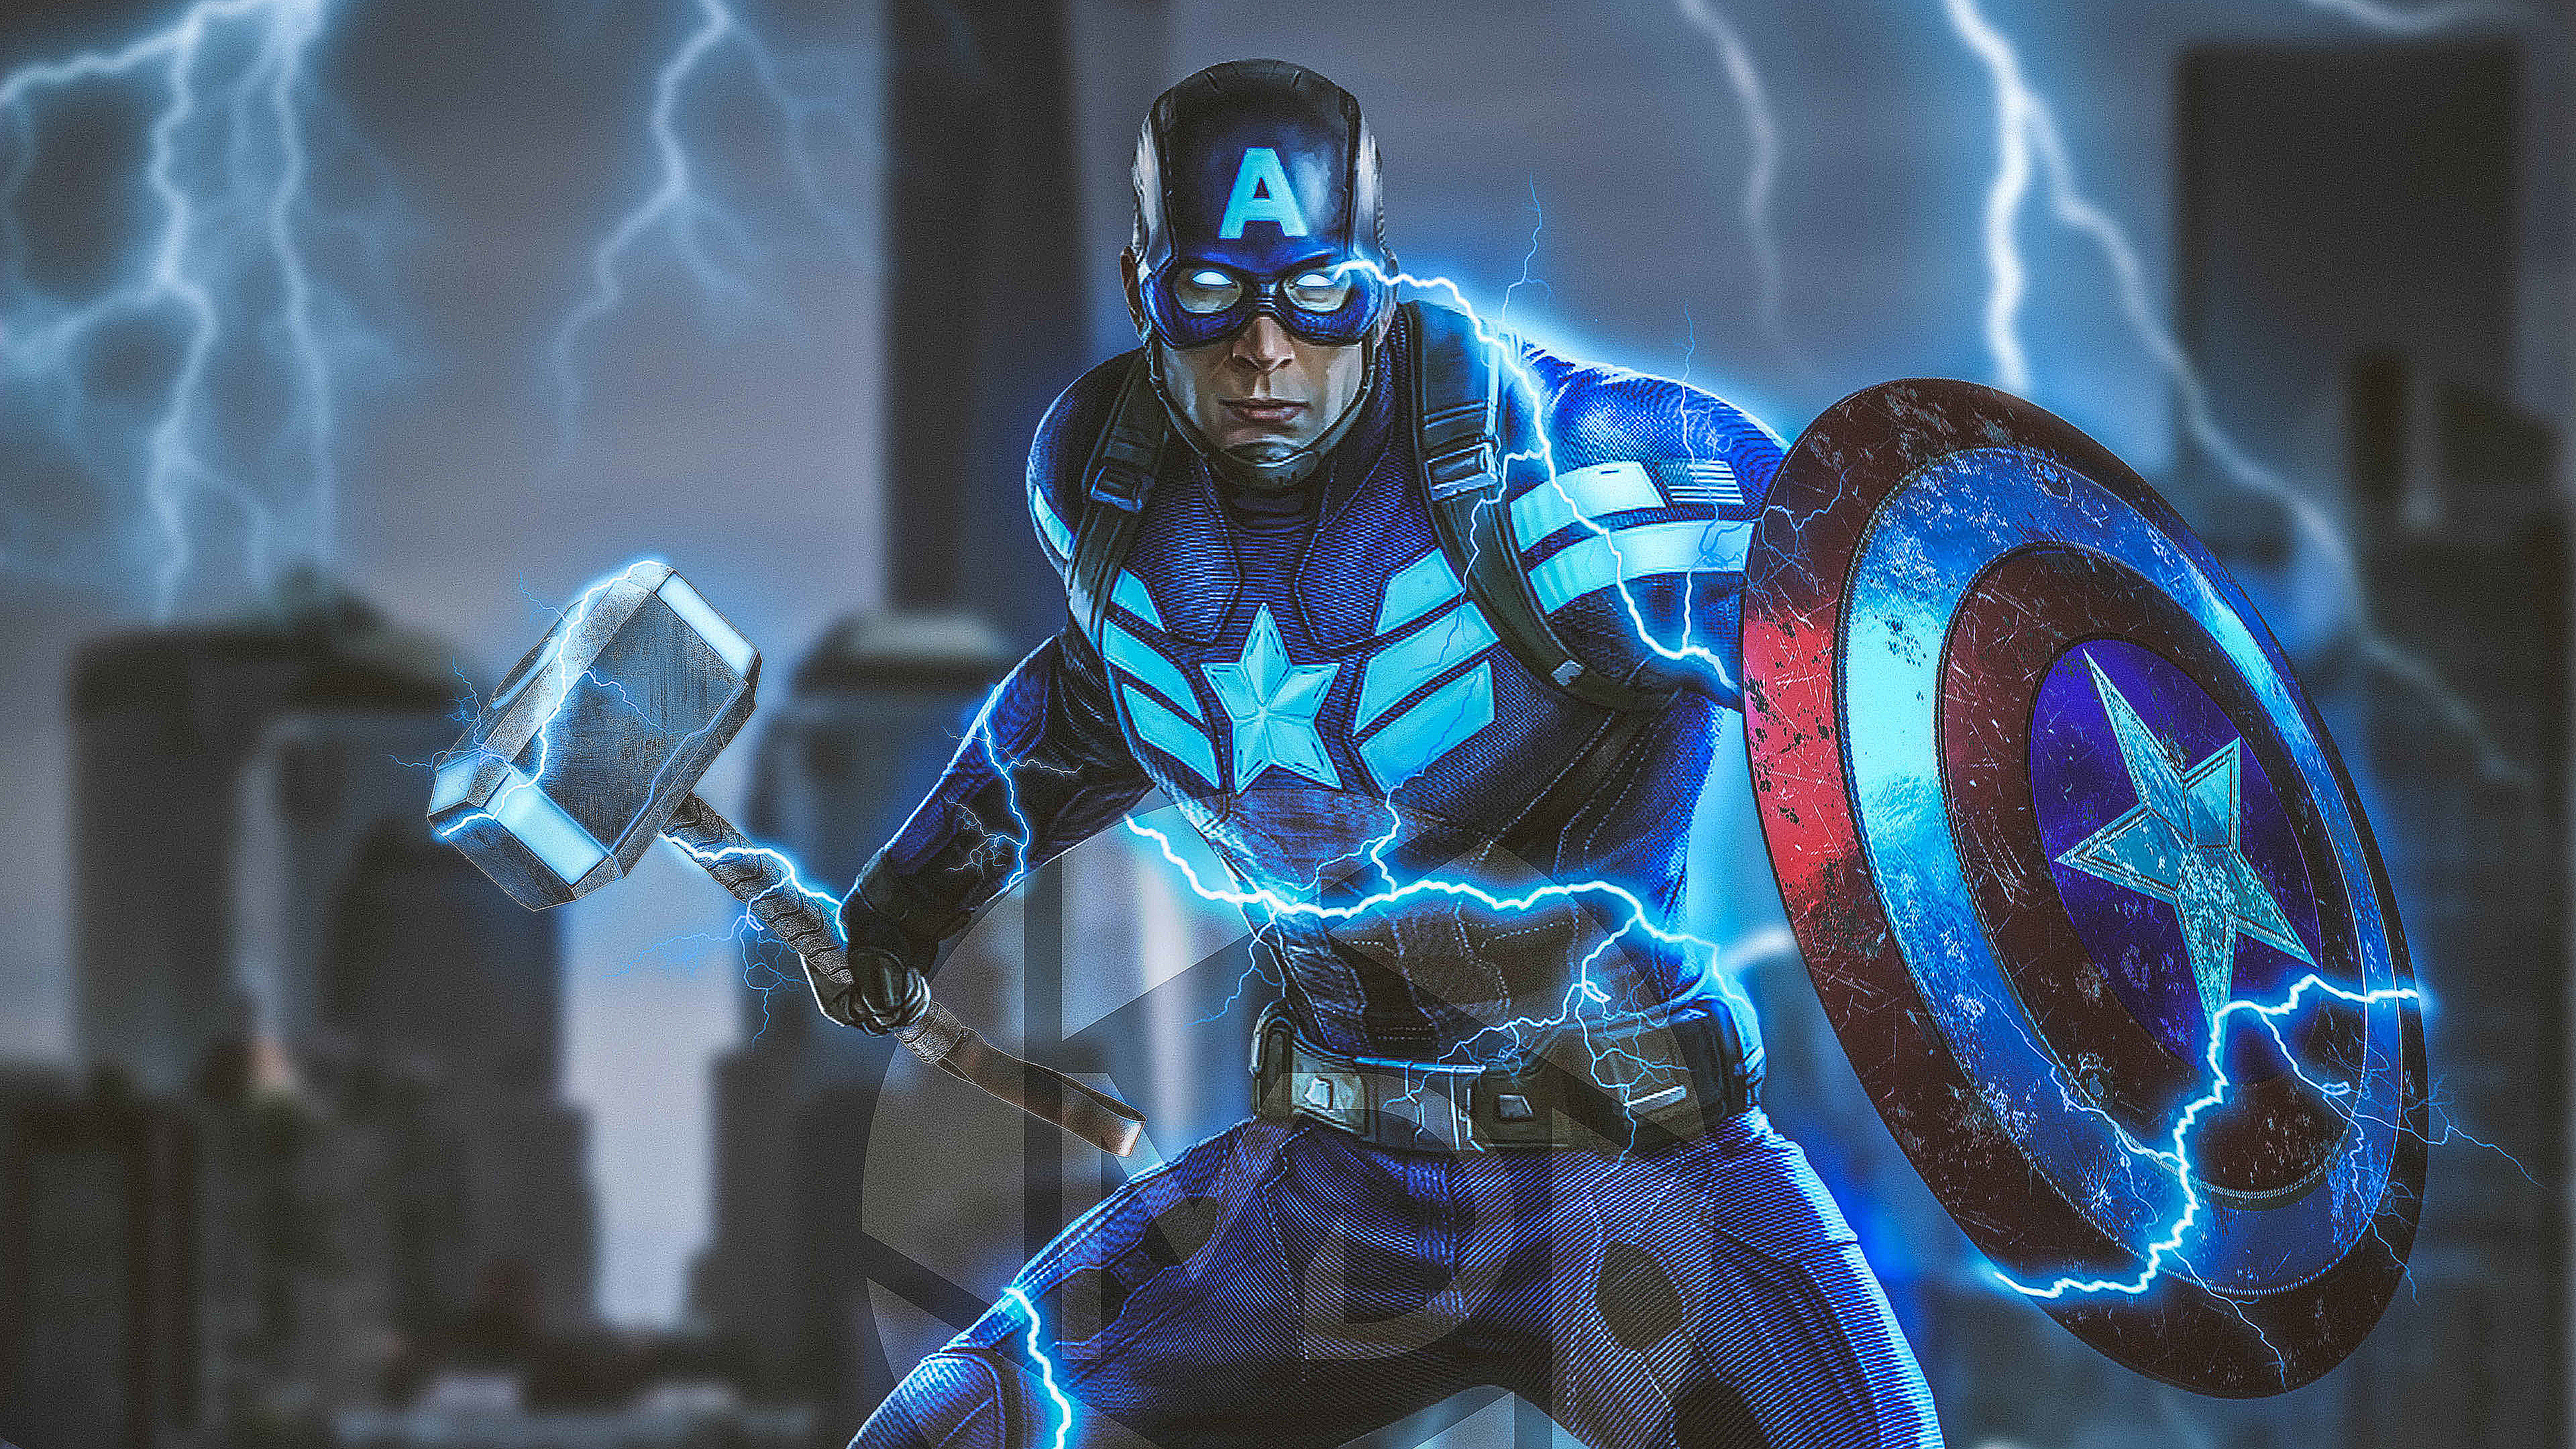 2160x3840 Captain America Mjolnir Avengers Endgame 4k 2019 Sony